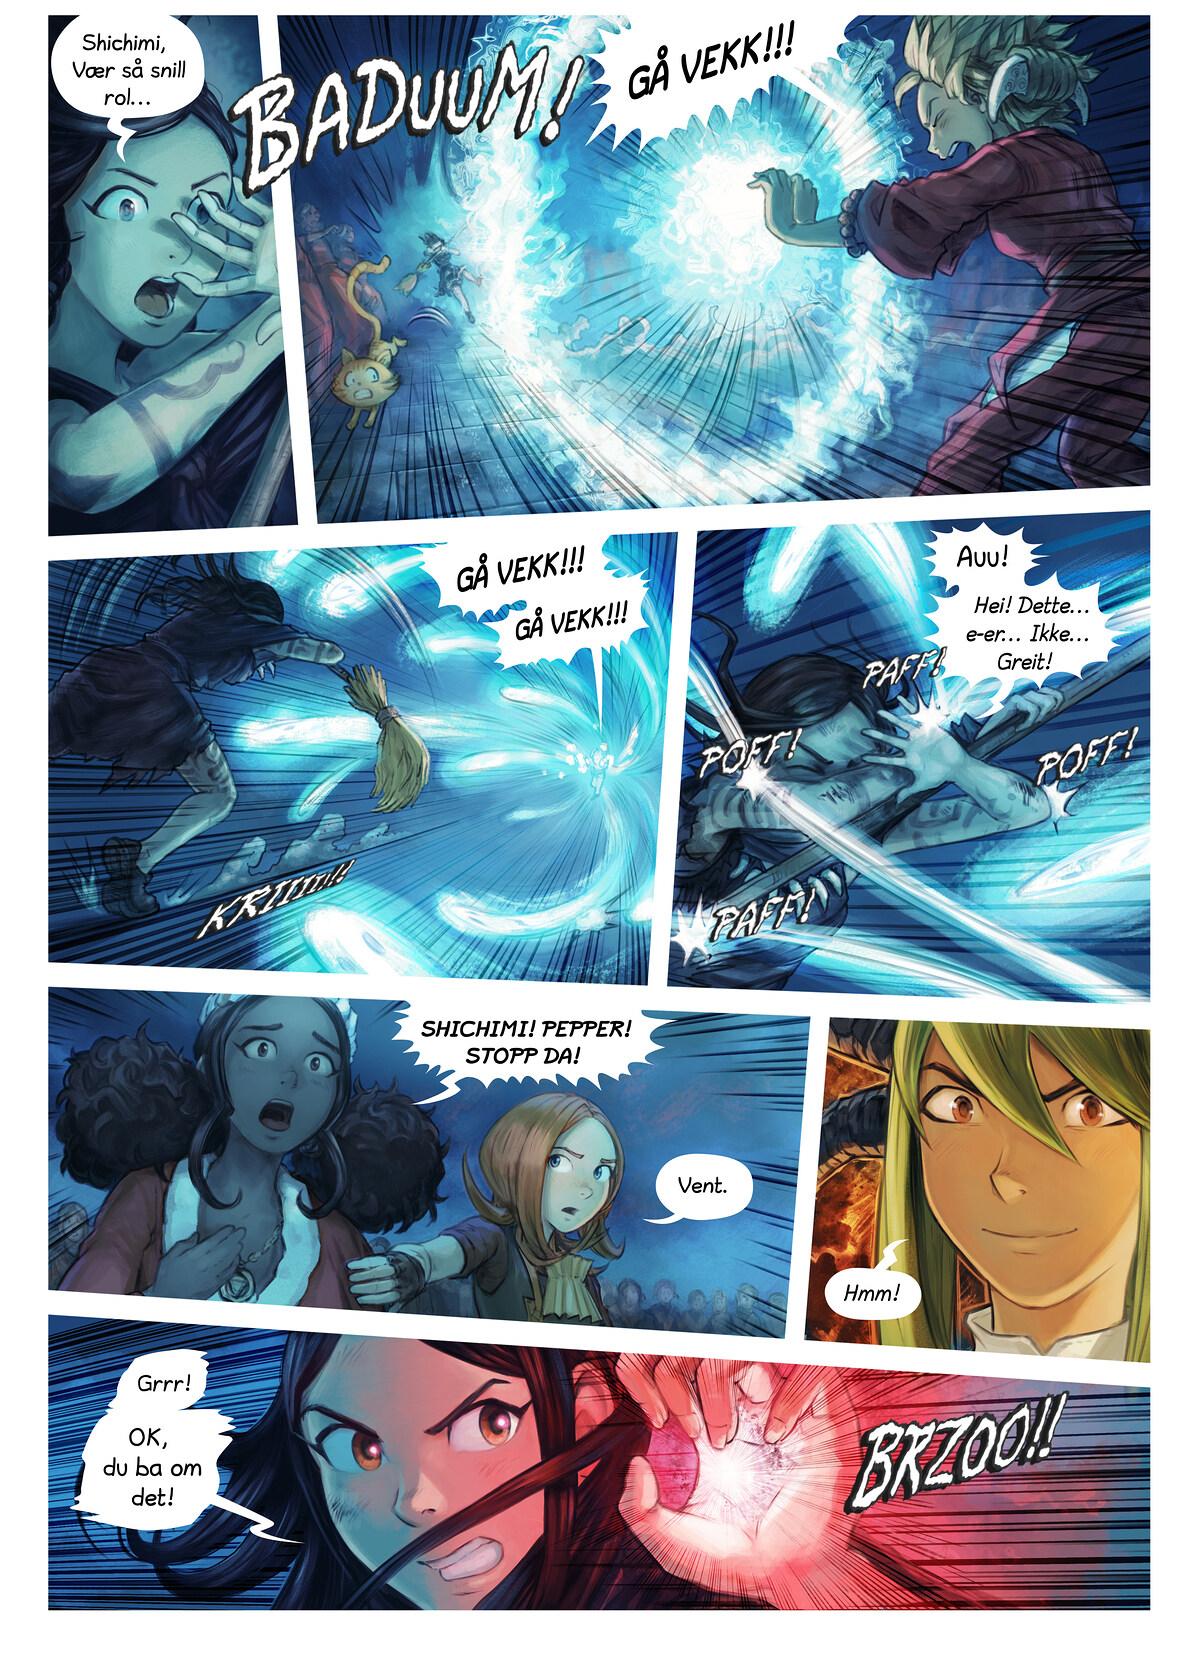 Episode 34: Shichimi slås til ridder, Page 6